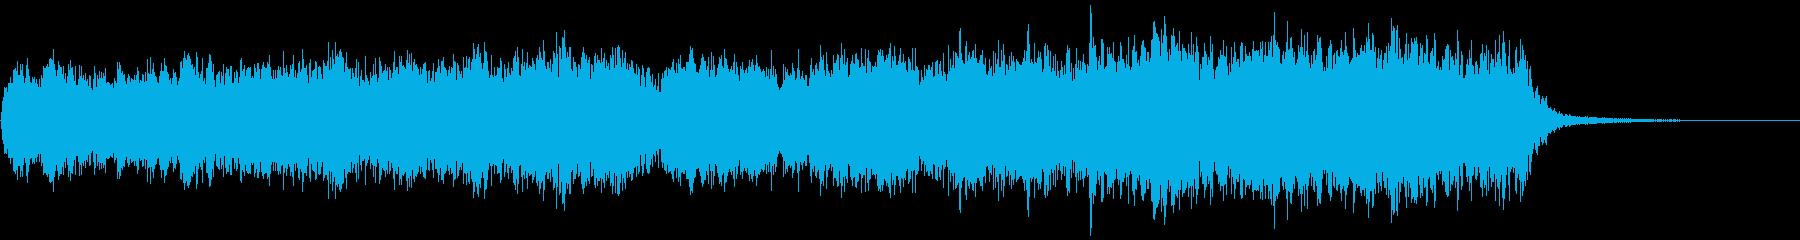 ガチャ・召喚・宝箱等に最適な神秘的BGMの再生済みの波形